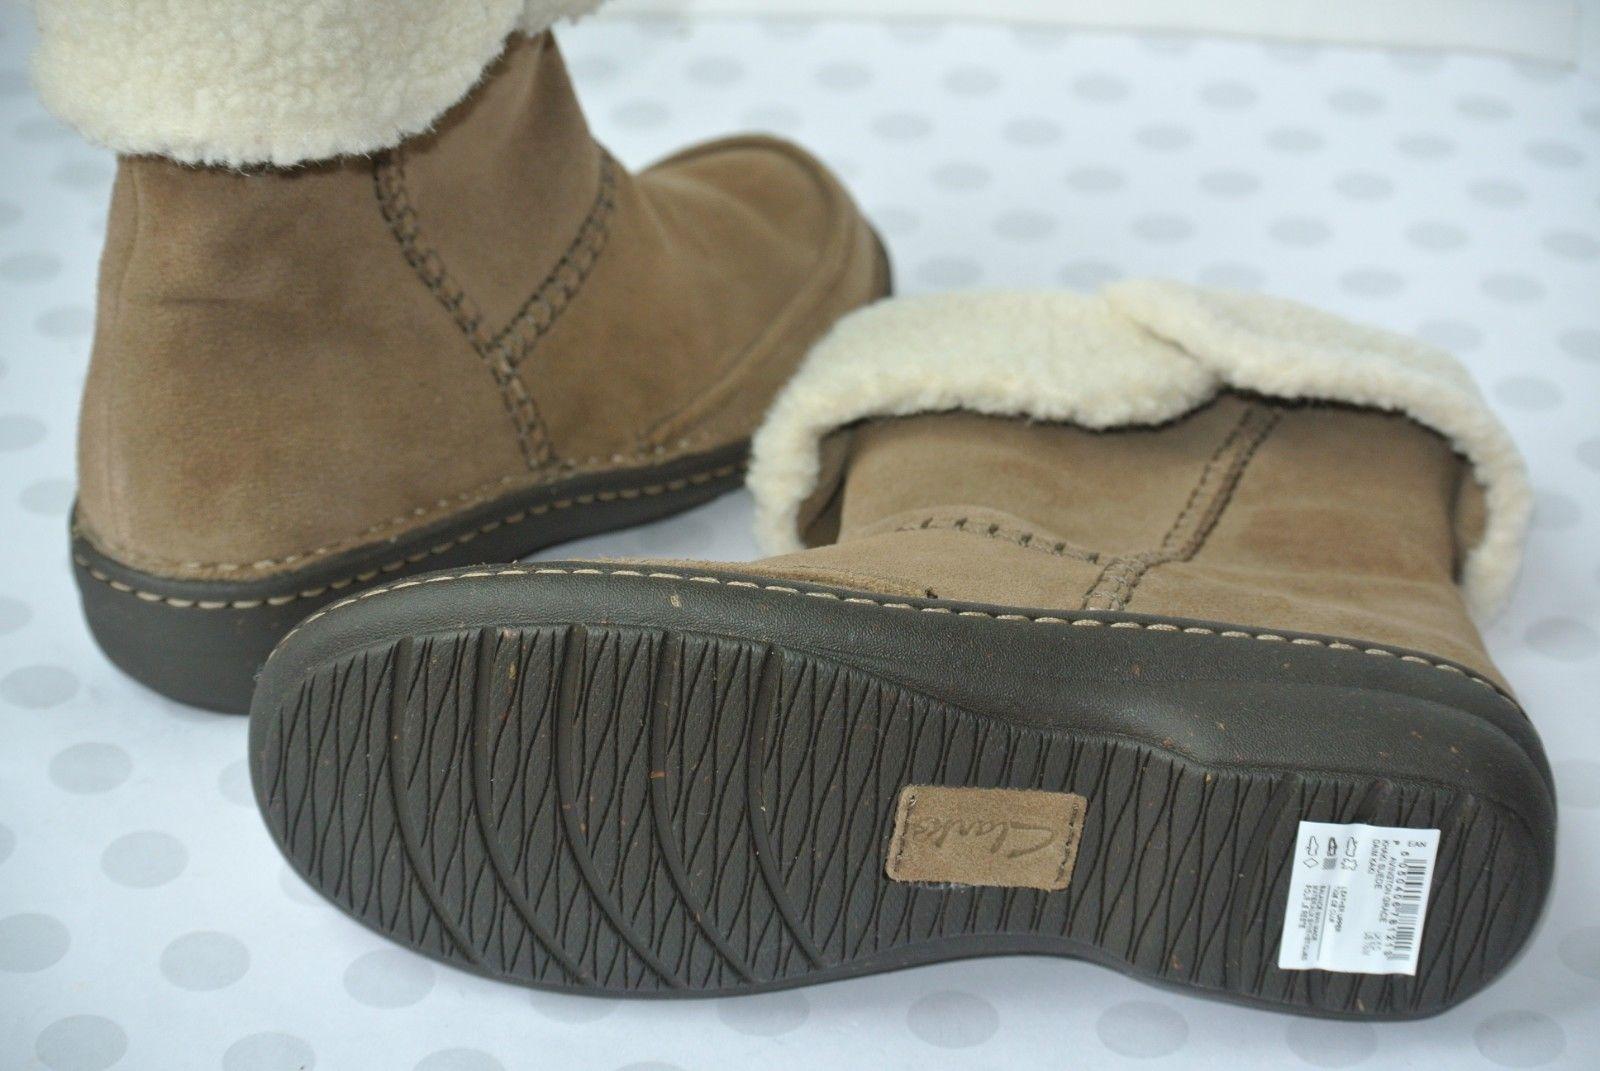 NEW Clarks Avington Grace Womens Sz 7.5 M Khaki Suede Leather Ankle Boots $150